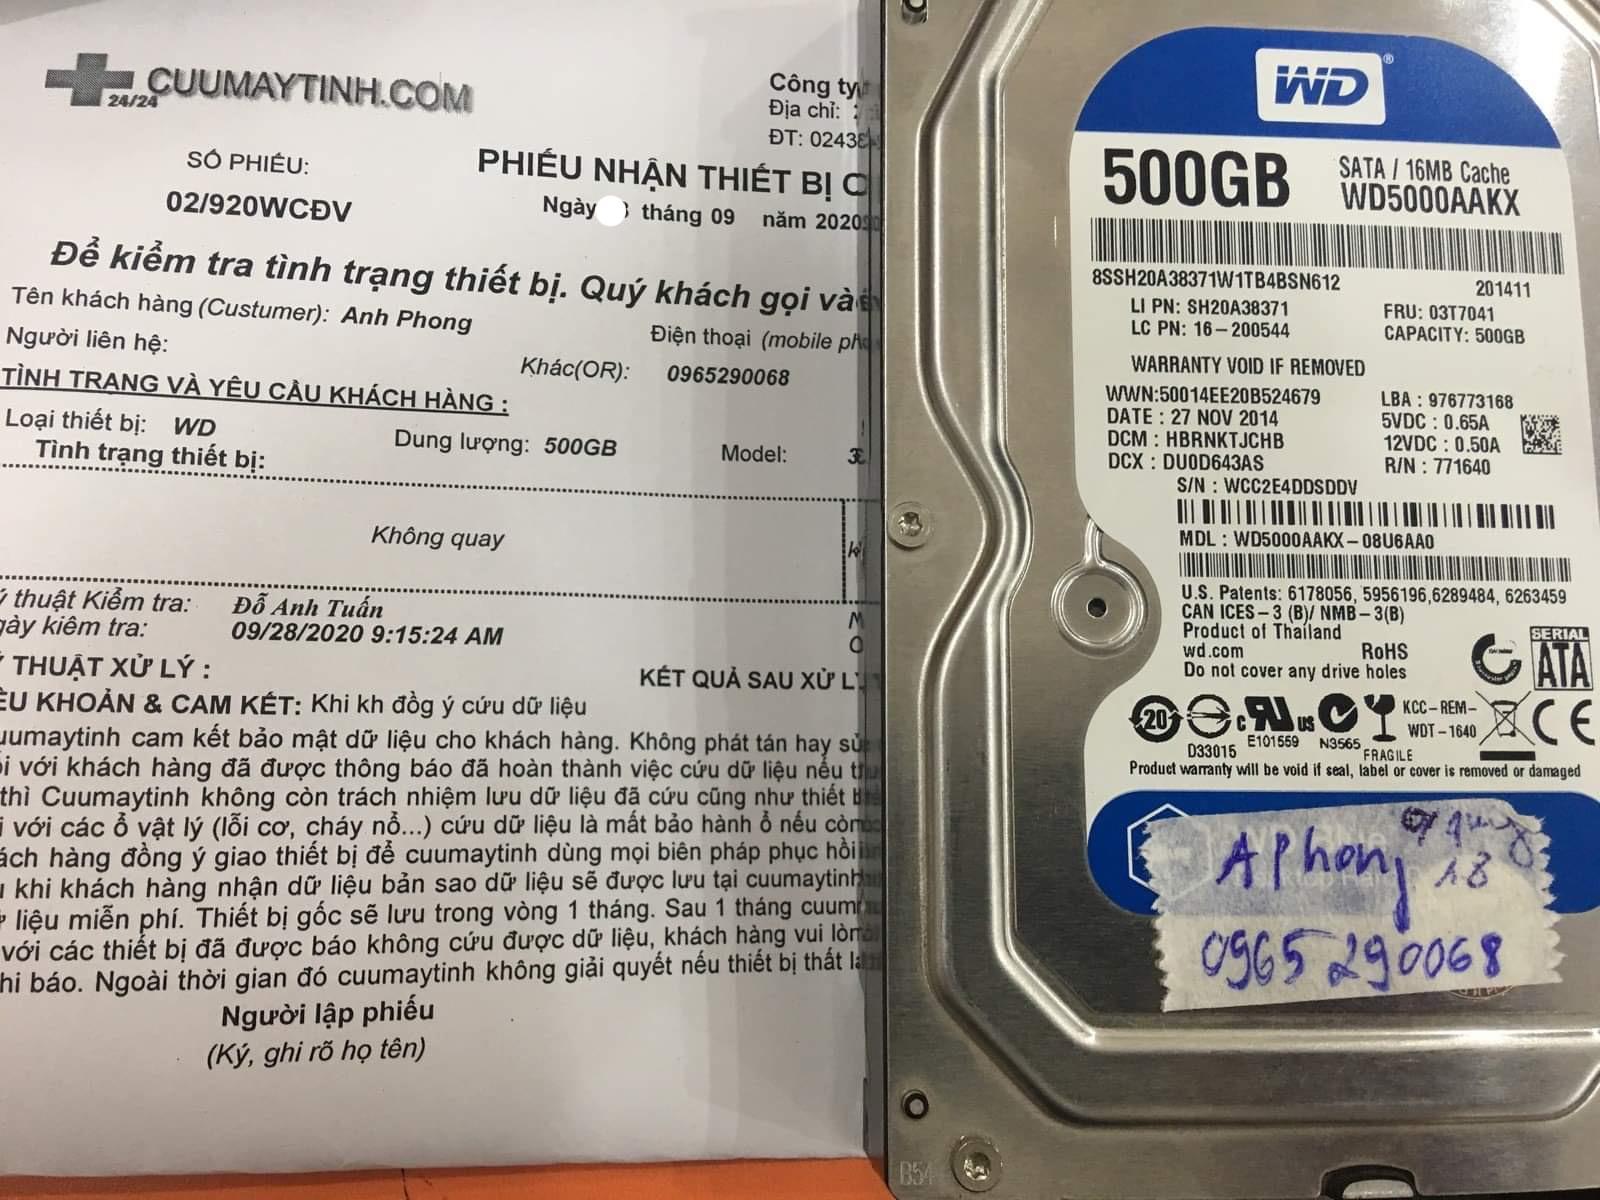 Cứu dữ liệu ổ cứng Western 500GB không quay 29/09/2020 - cuumaytinh